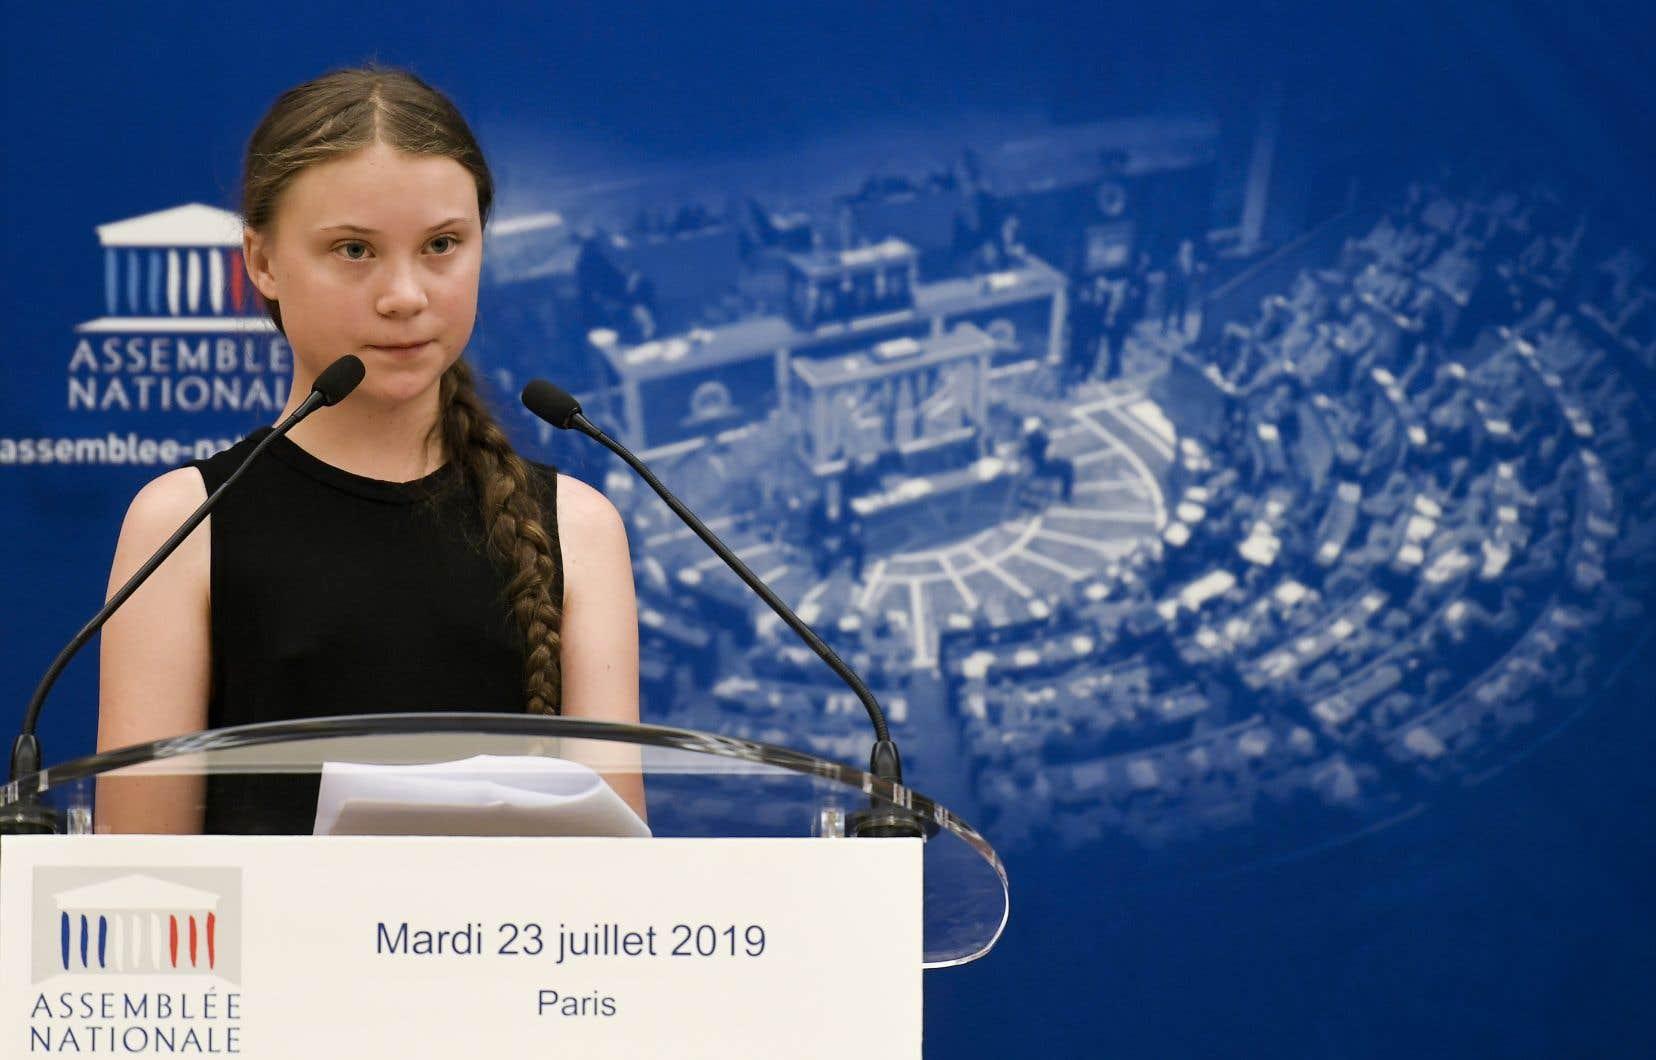 La militante suédoise pour le climat, Greta Thunberg, a pris la parole lors d'une réunion à l'Assemblée nationale française, à Paris, le 23 juillet 2019.